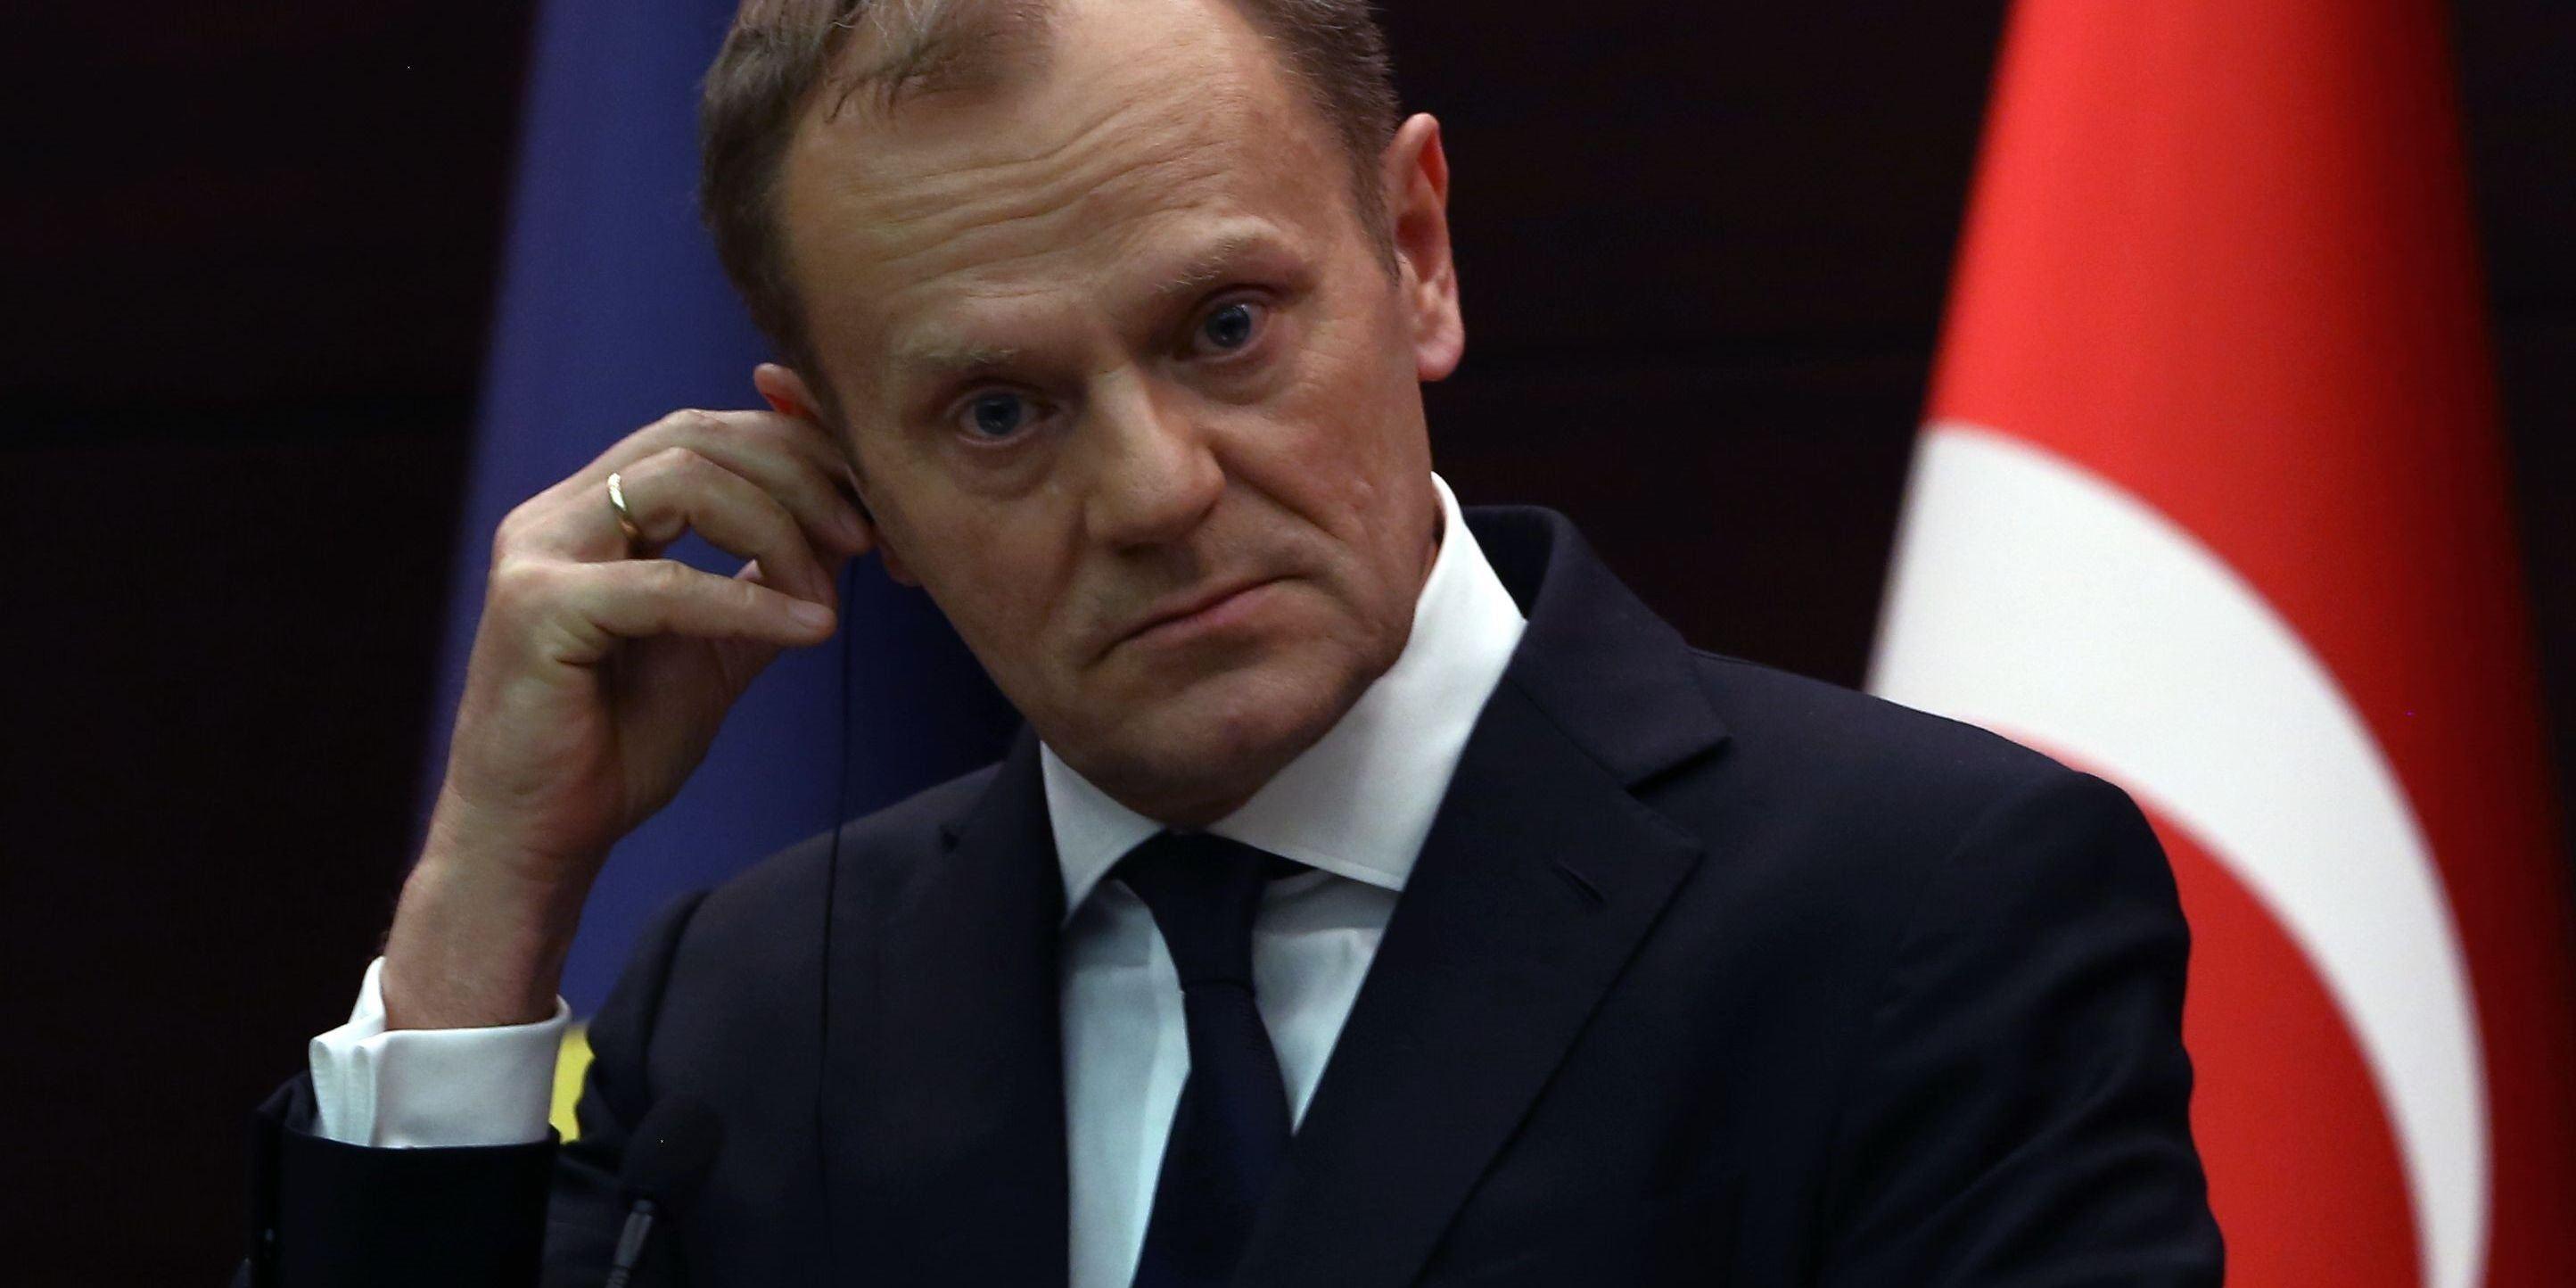 Tusk ser første tegn på enighed i EU om flygtninge - Avisen.dk